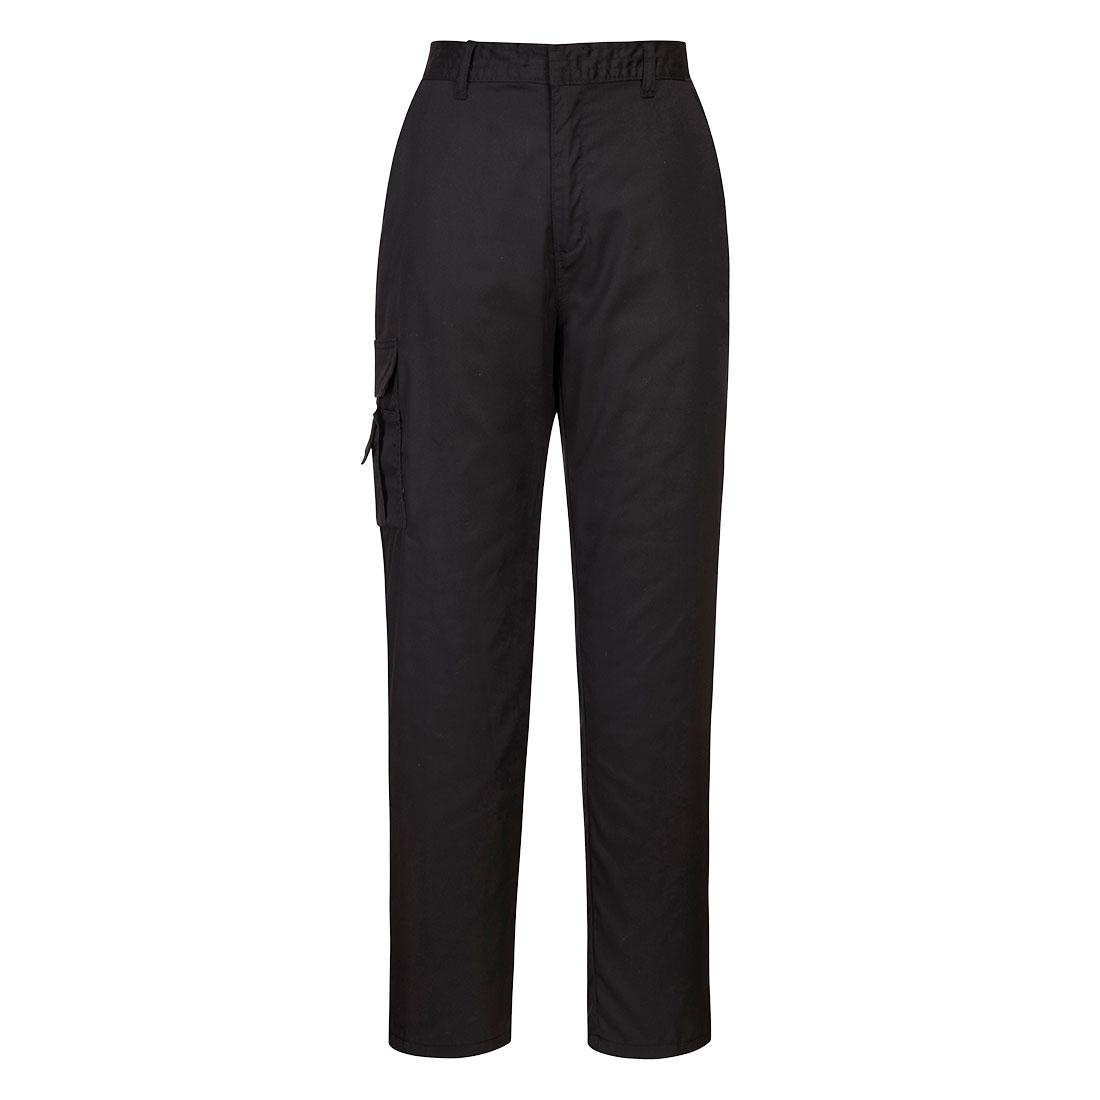 Ladies Combat Trousers Black LR